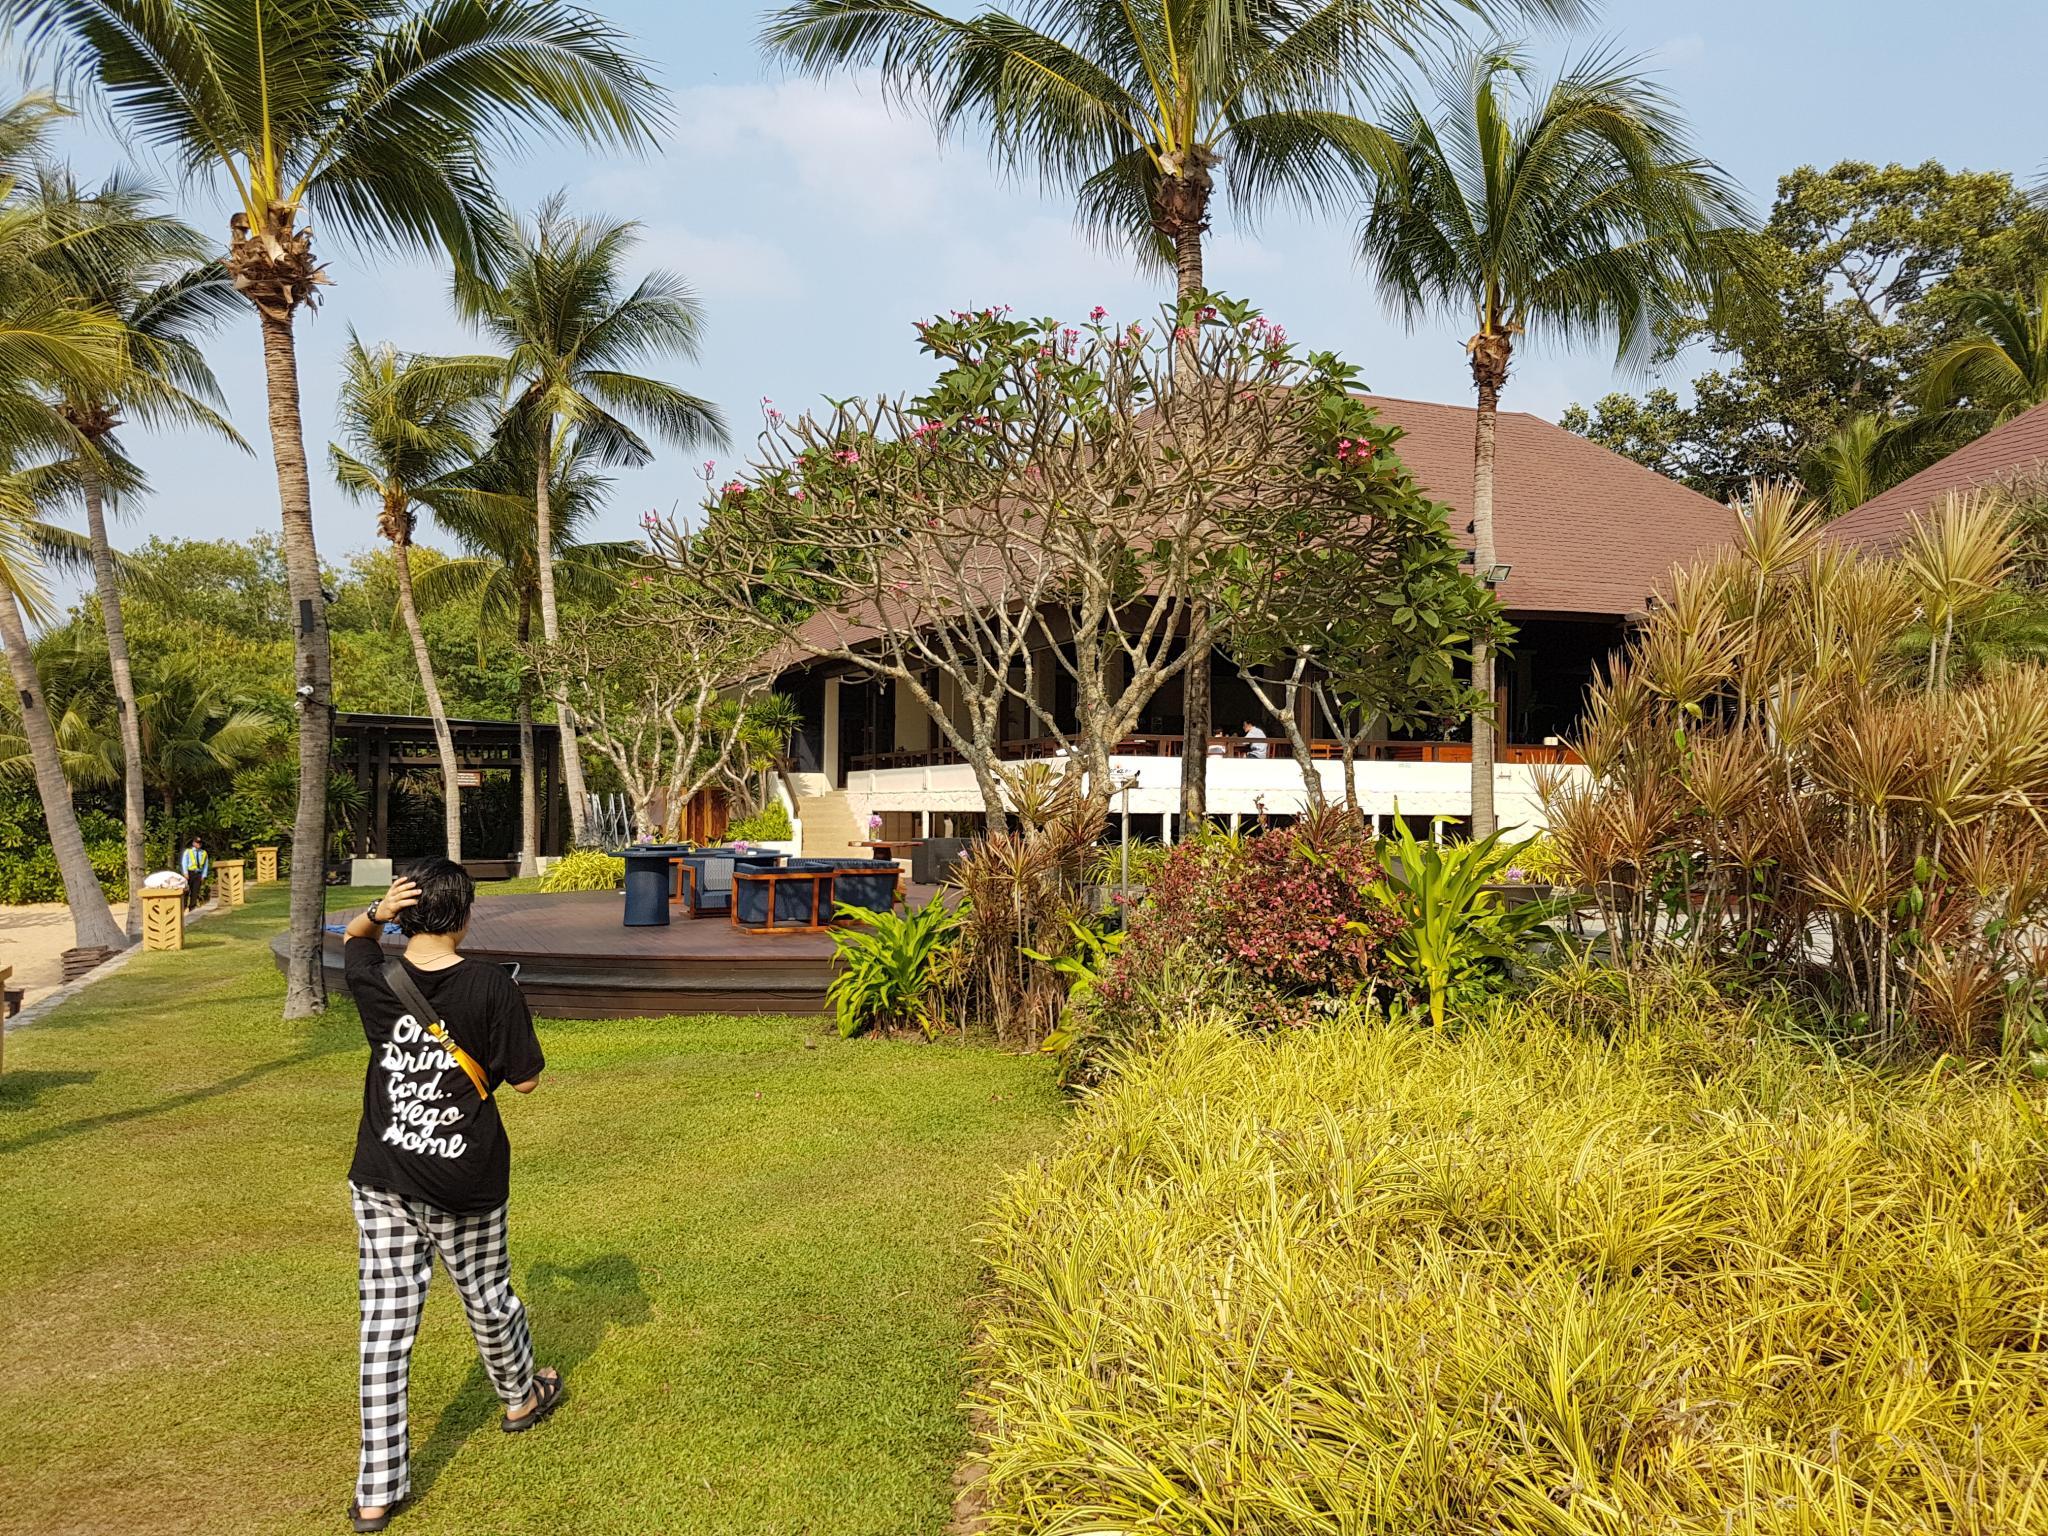 Bang Saray beach wedding & villa.-20191227_144814-jpg